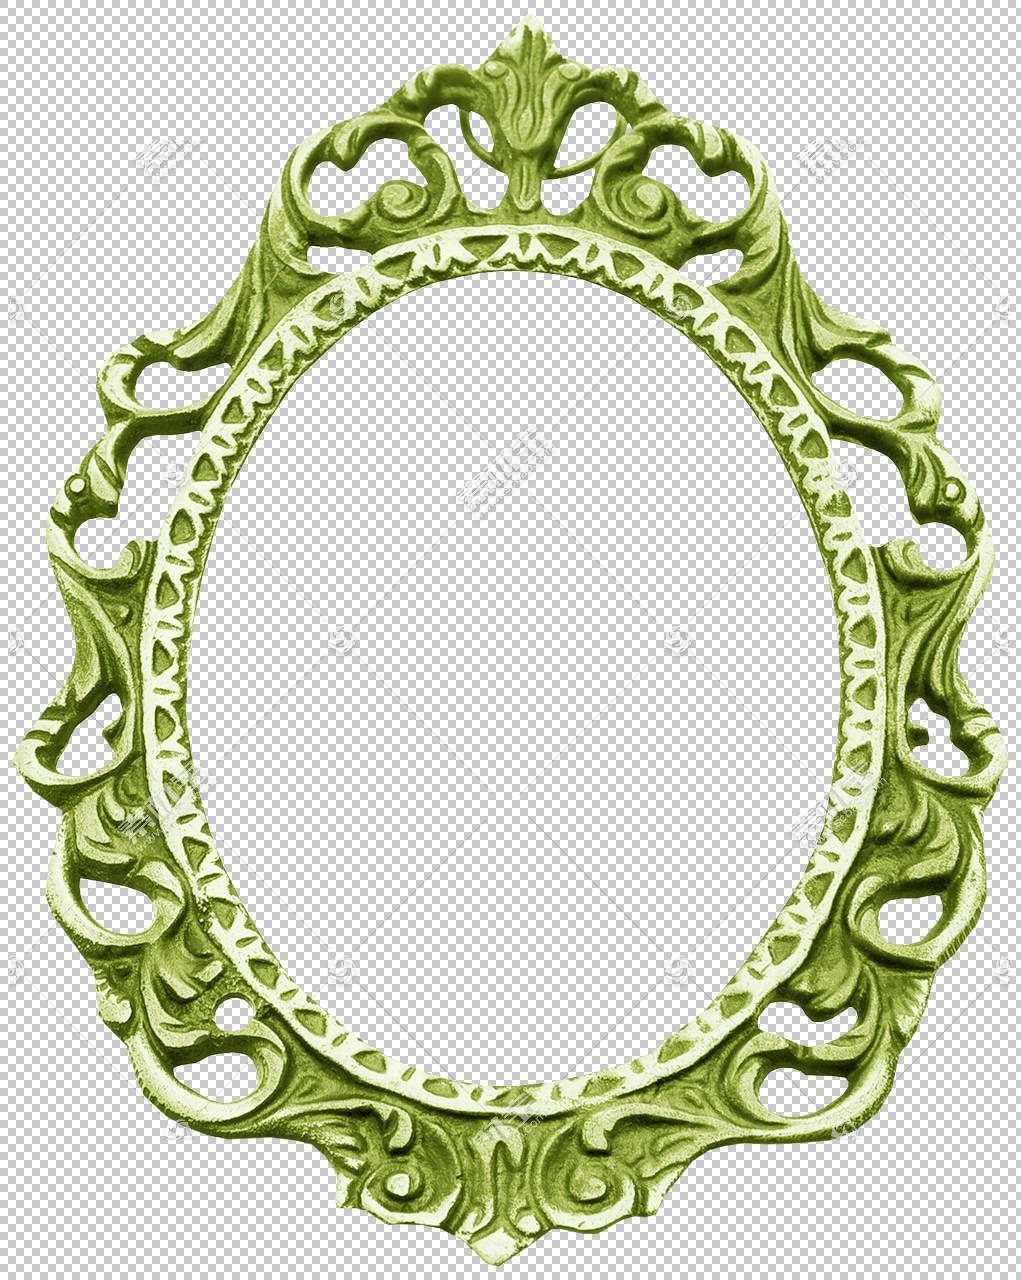 框架装饰艺术,马可PNG剪贴画蒙太奇照片,免版税,图片框架,艺术,椭